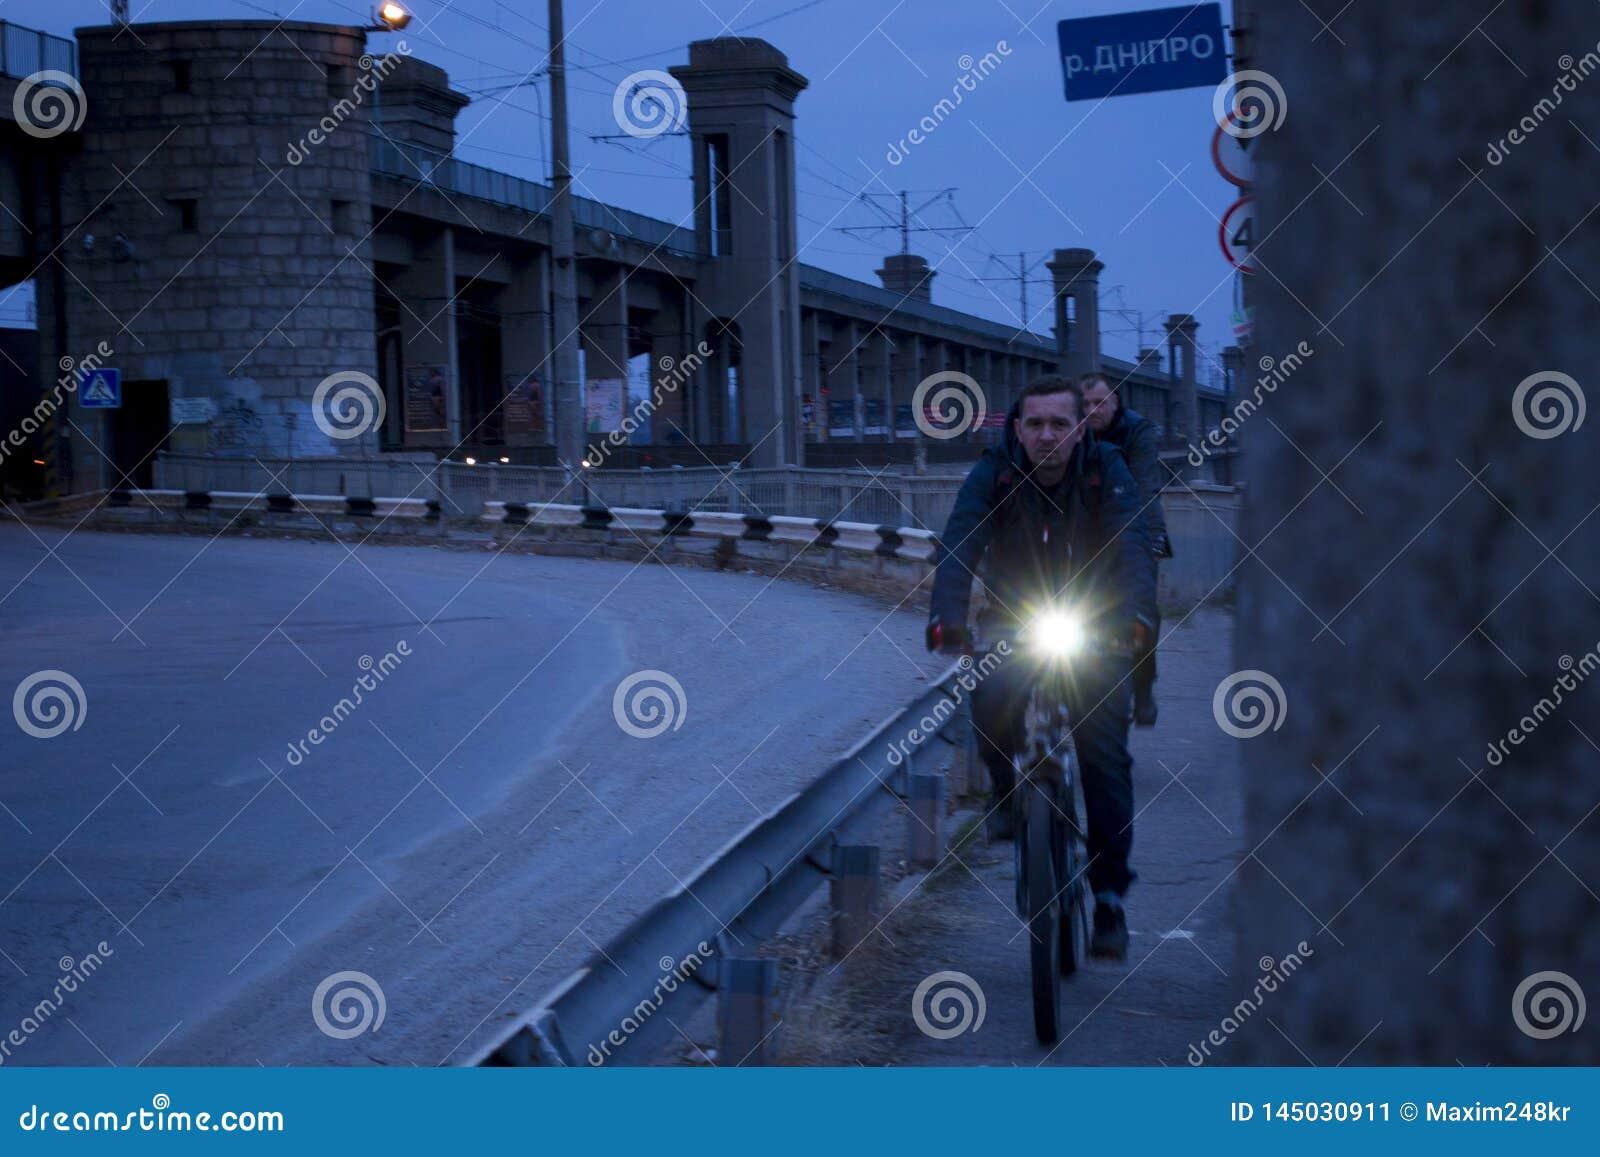 Glättung des Wegs durch das Zaporozhye auf der Brücke